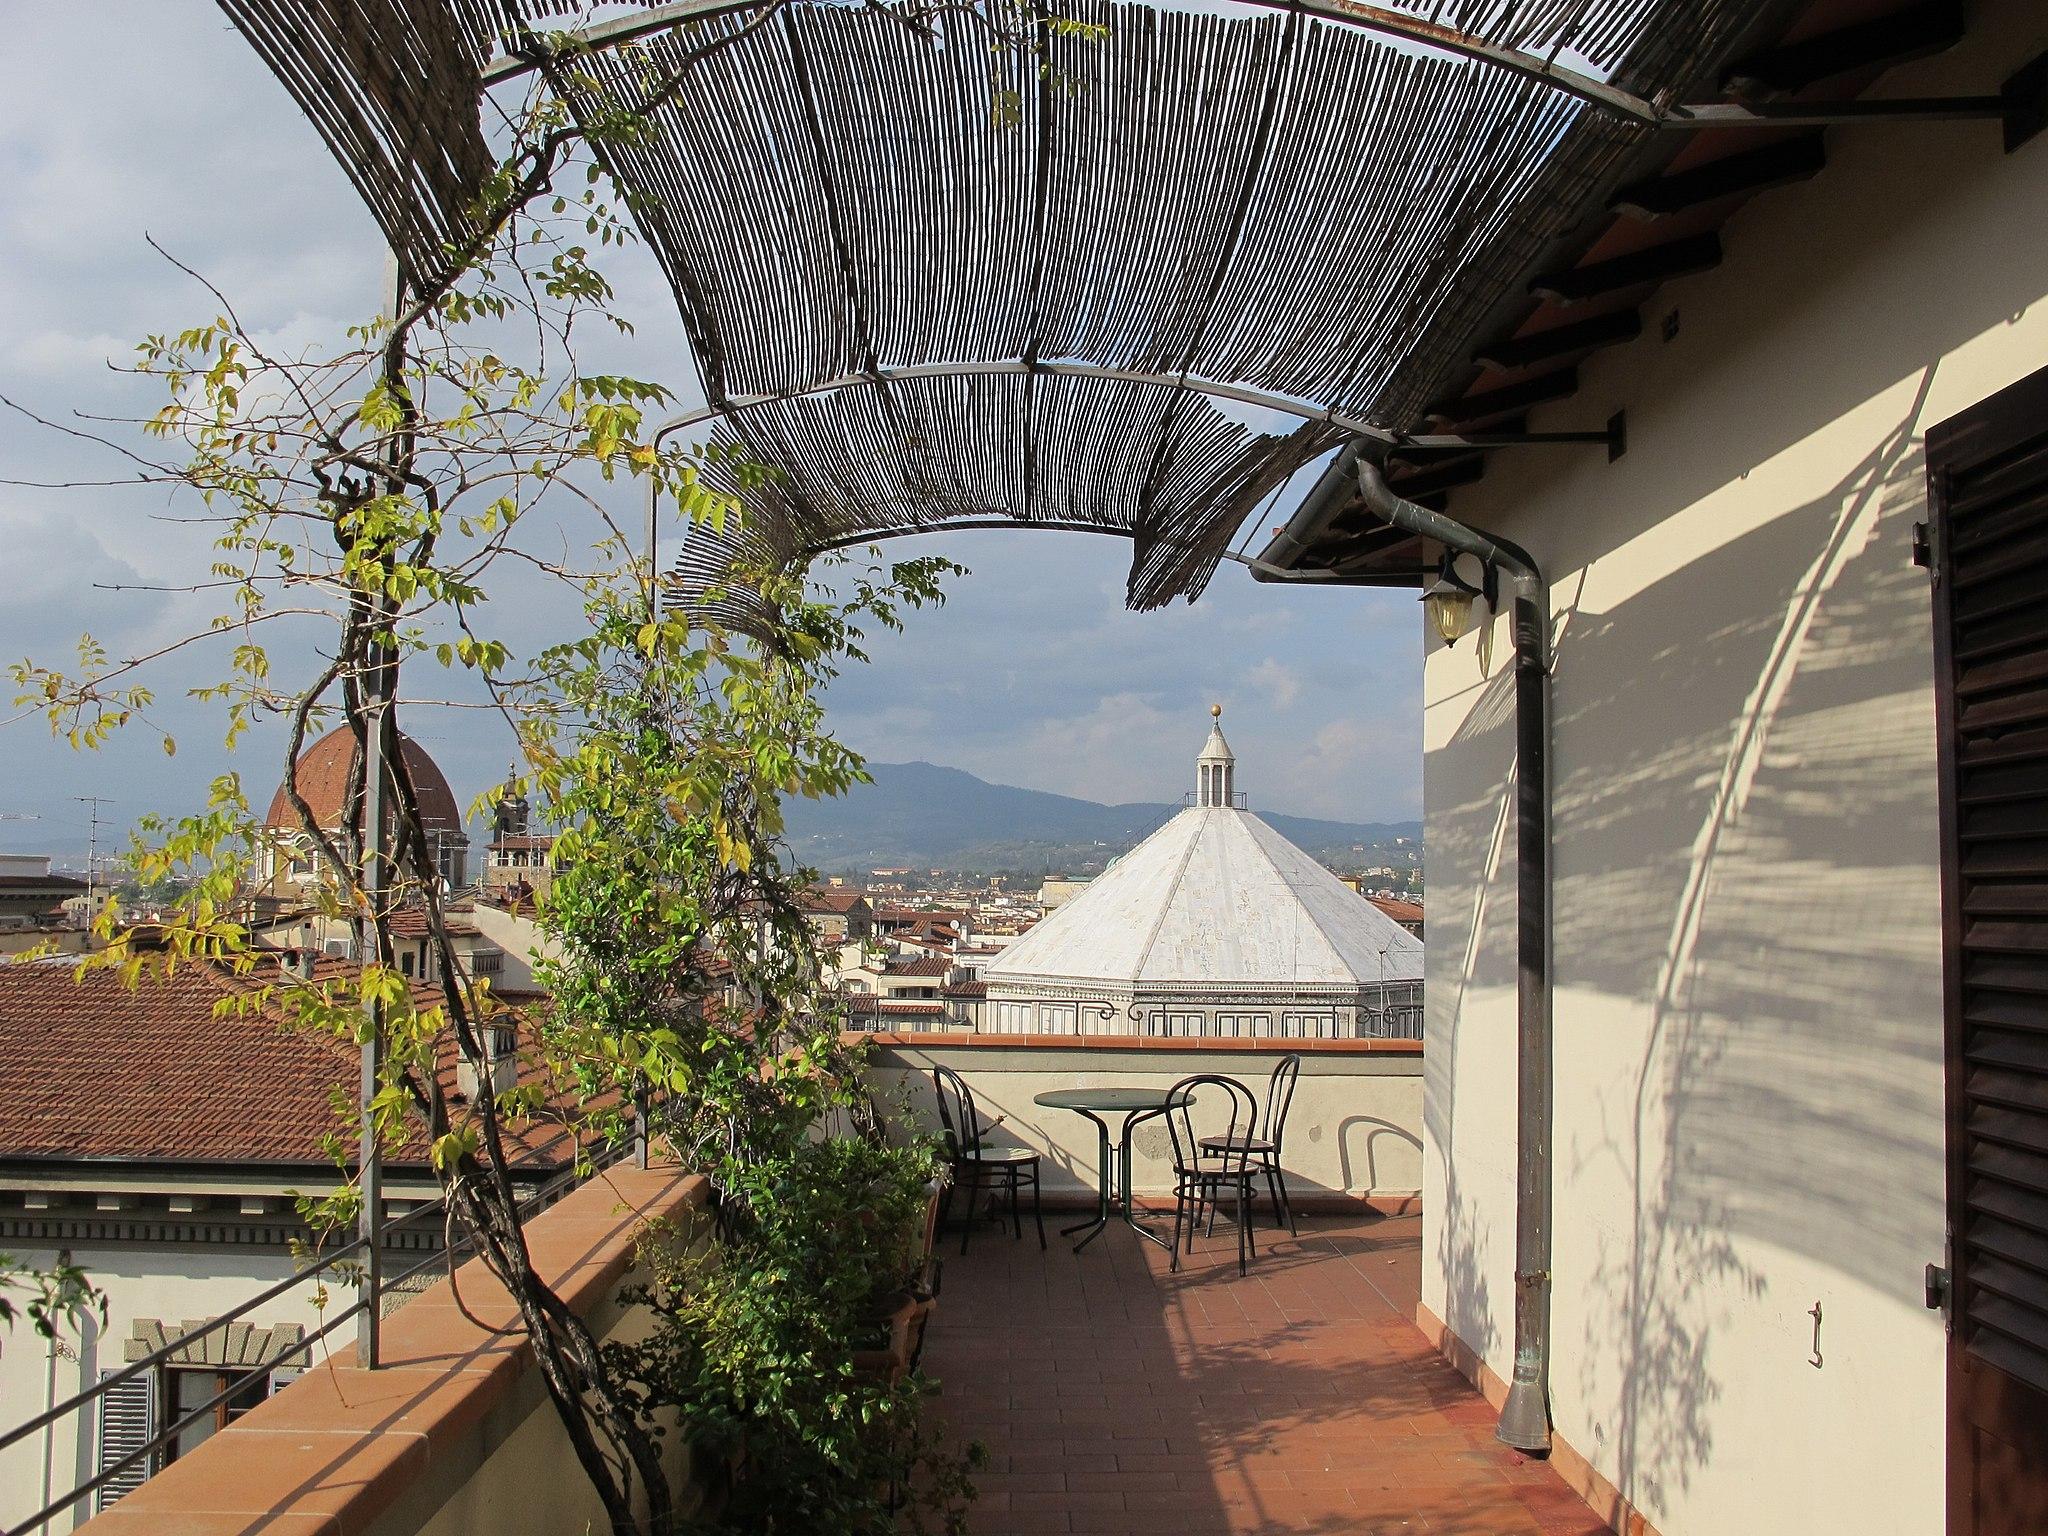 Hotel medici, terrazza, veduta battistero 01